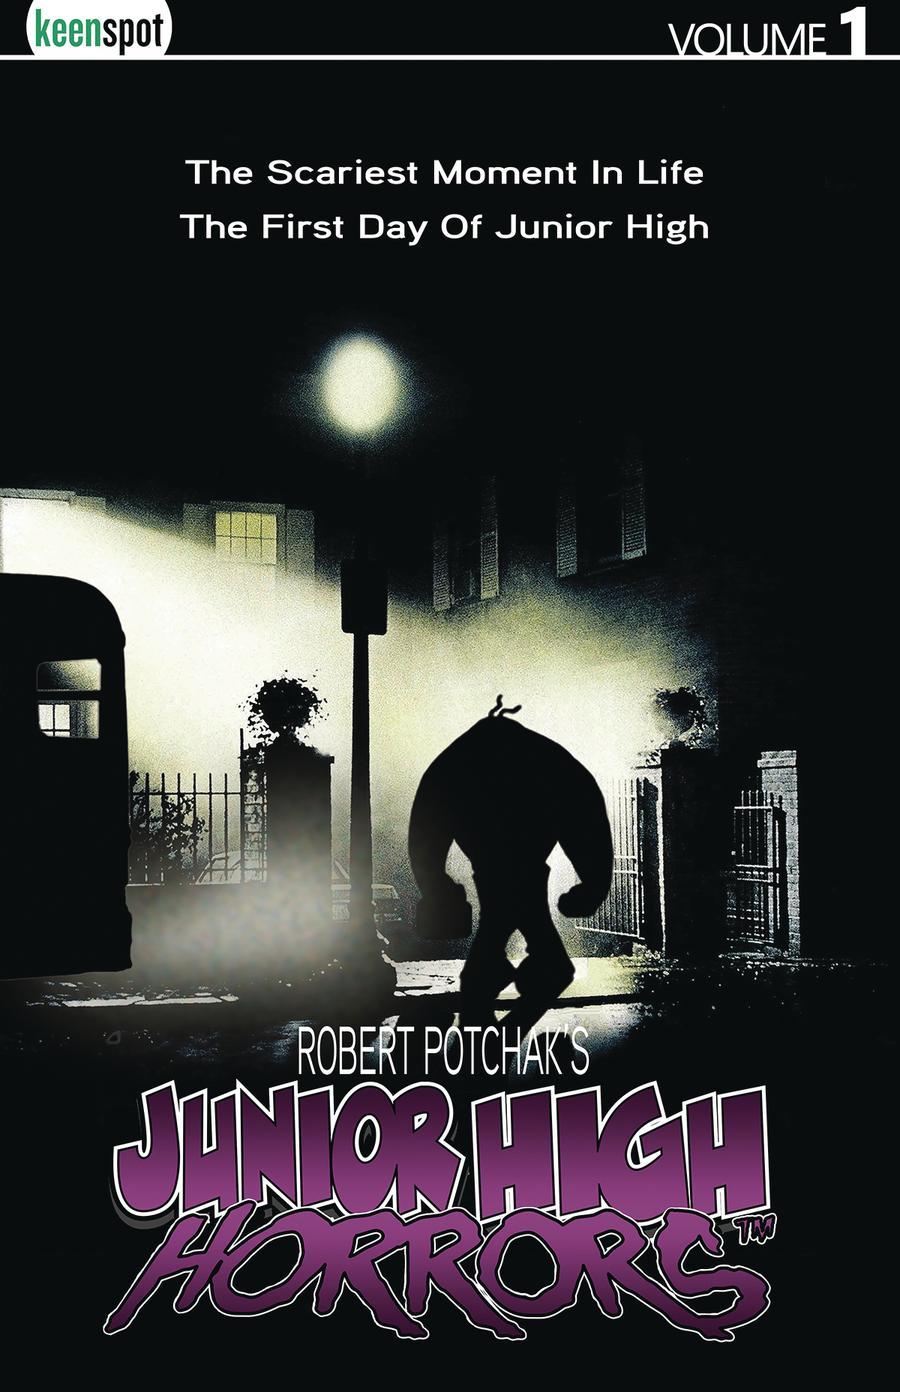 Junior High Horrors Vol 1 TP